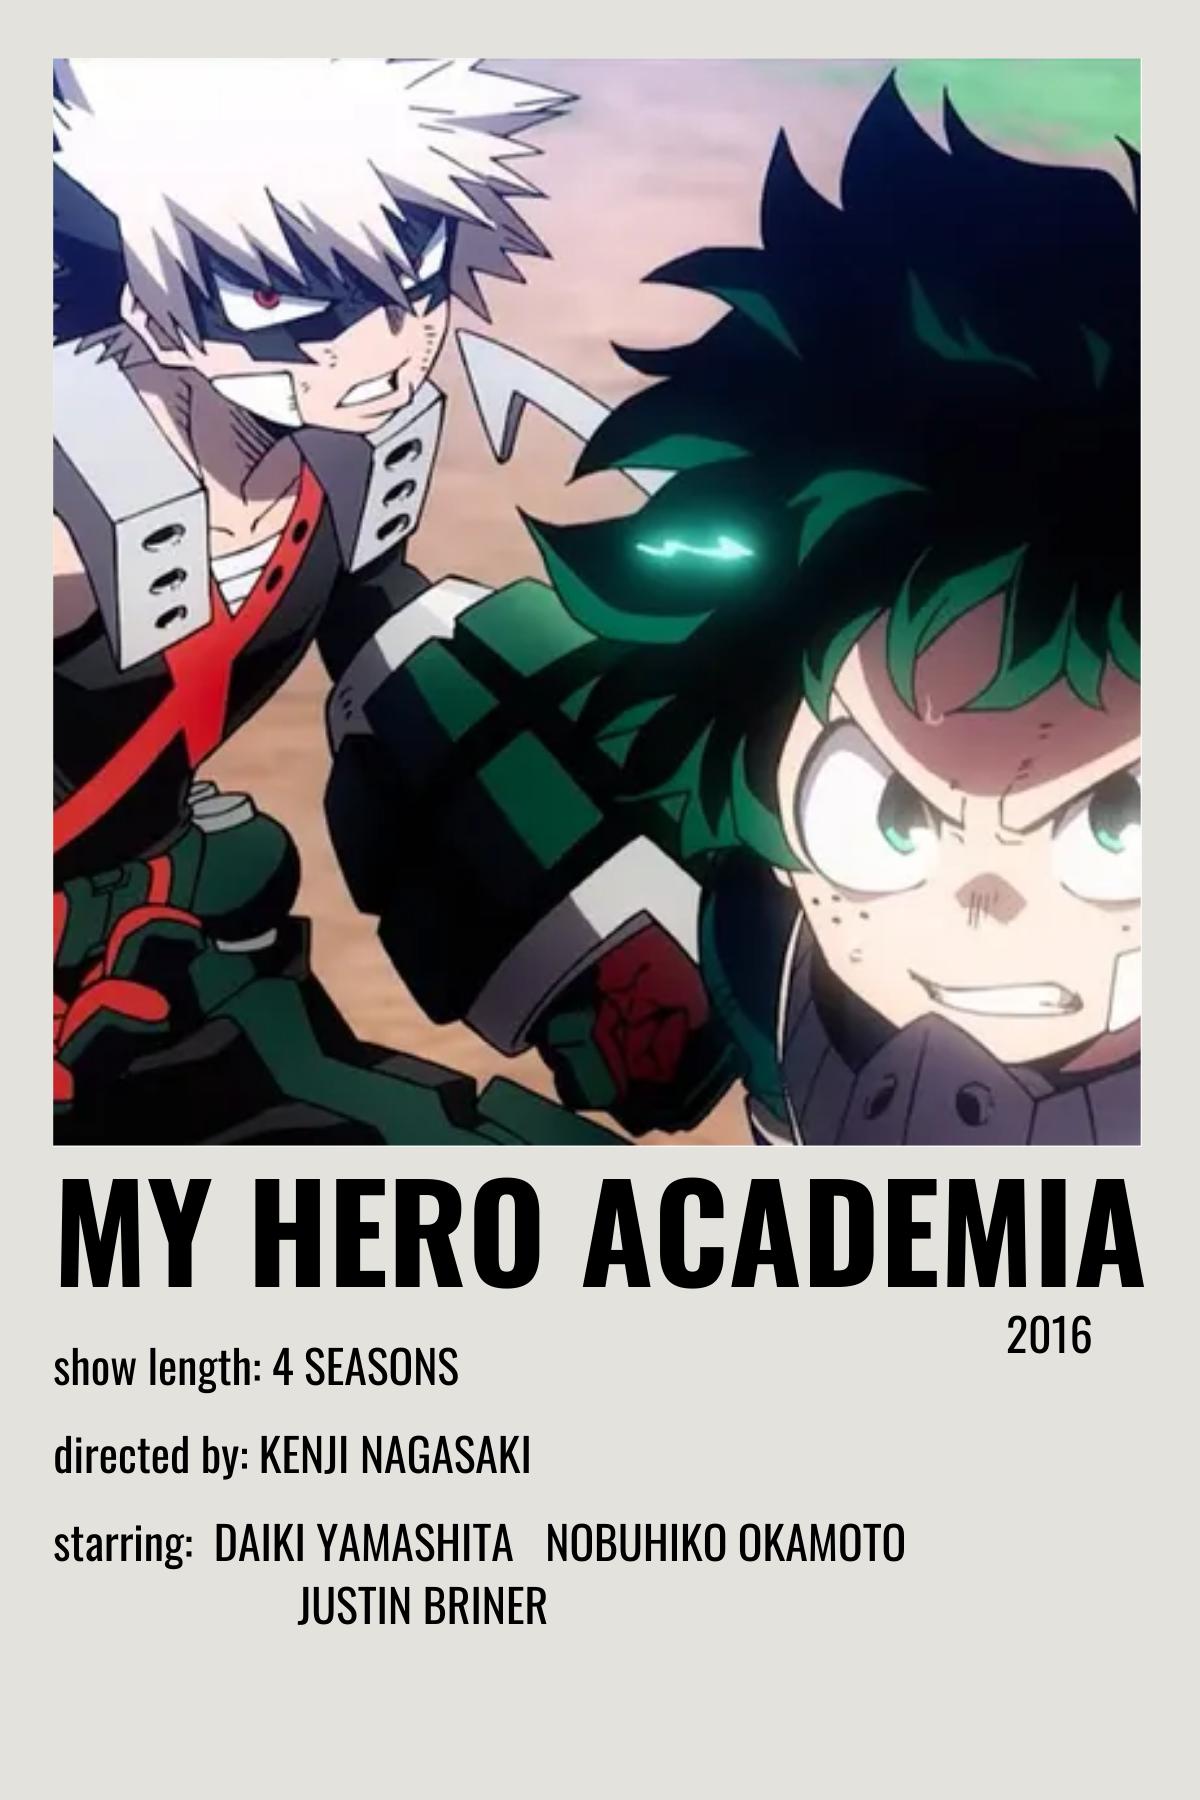 my hero academia movie poster